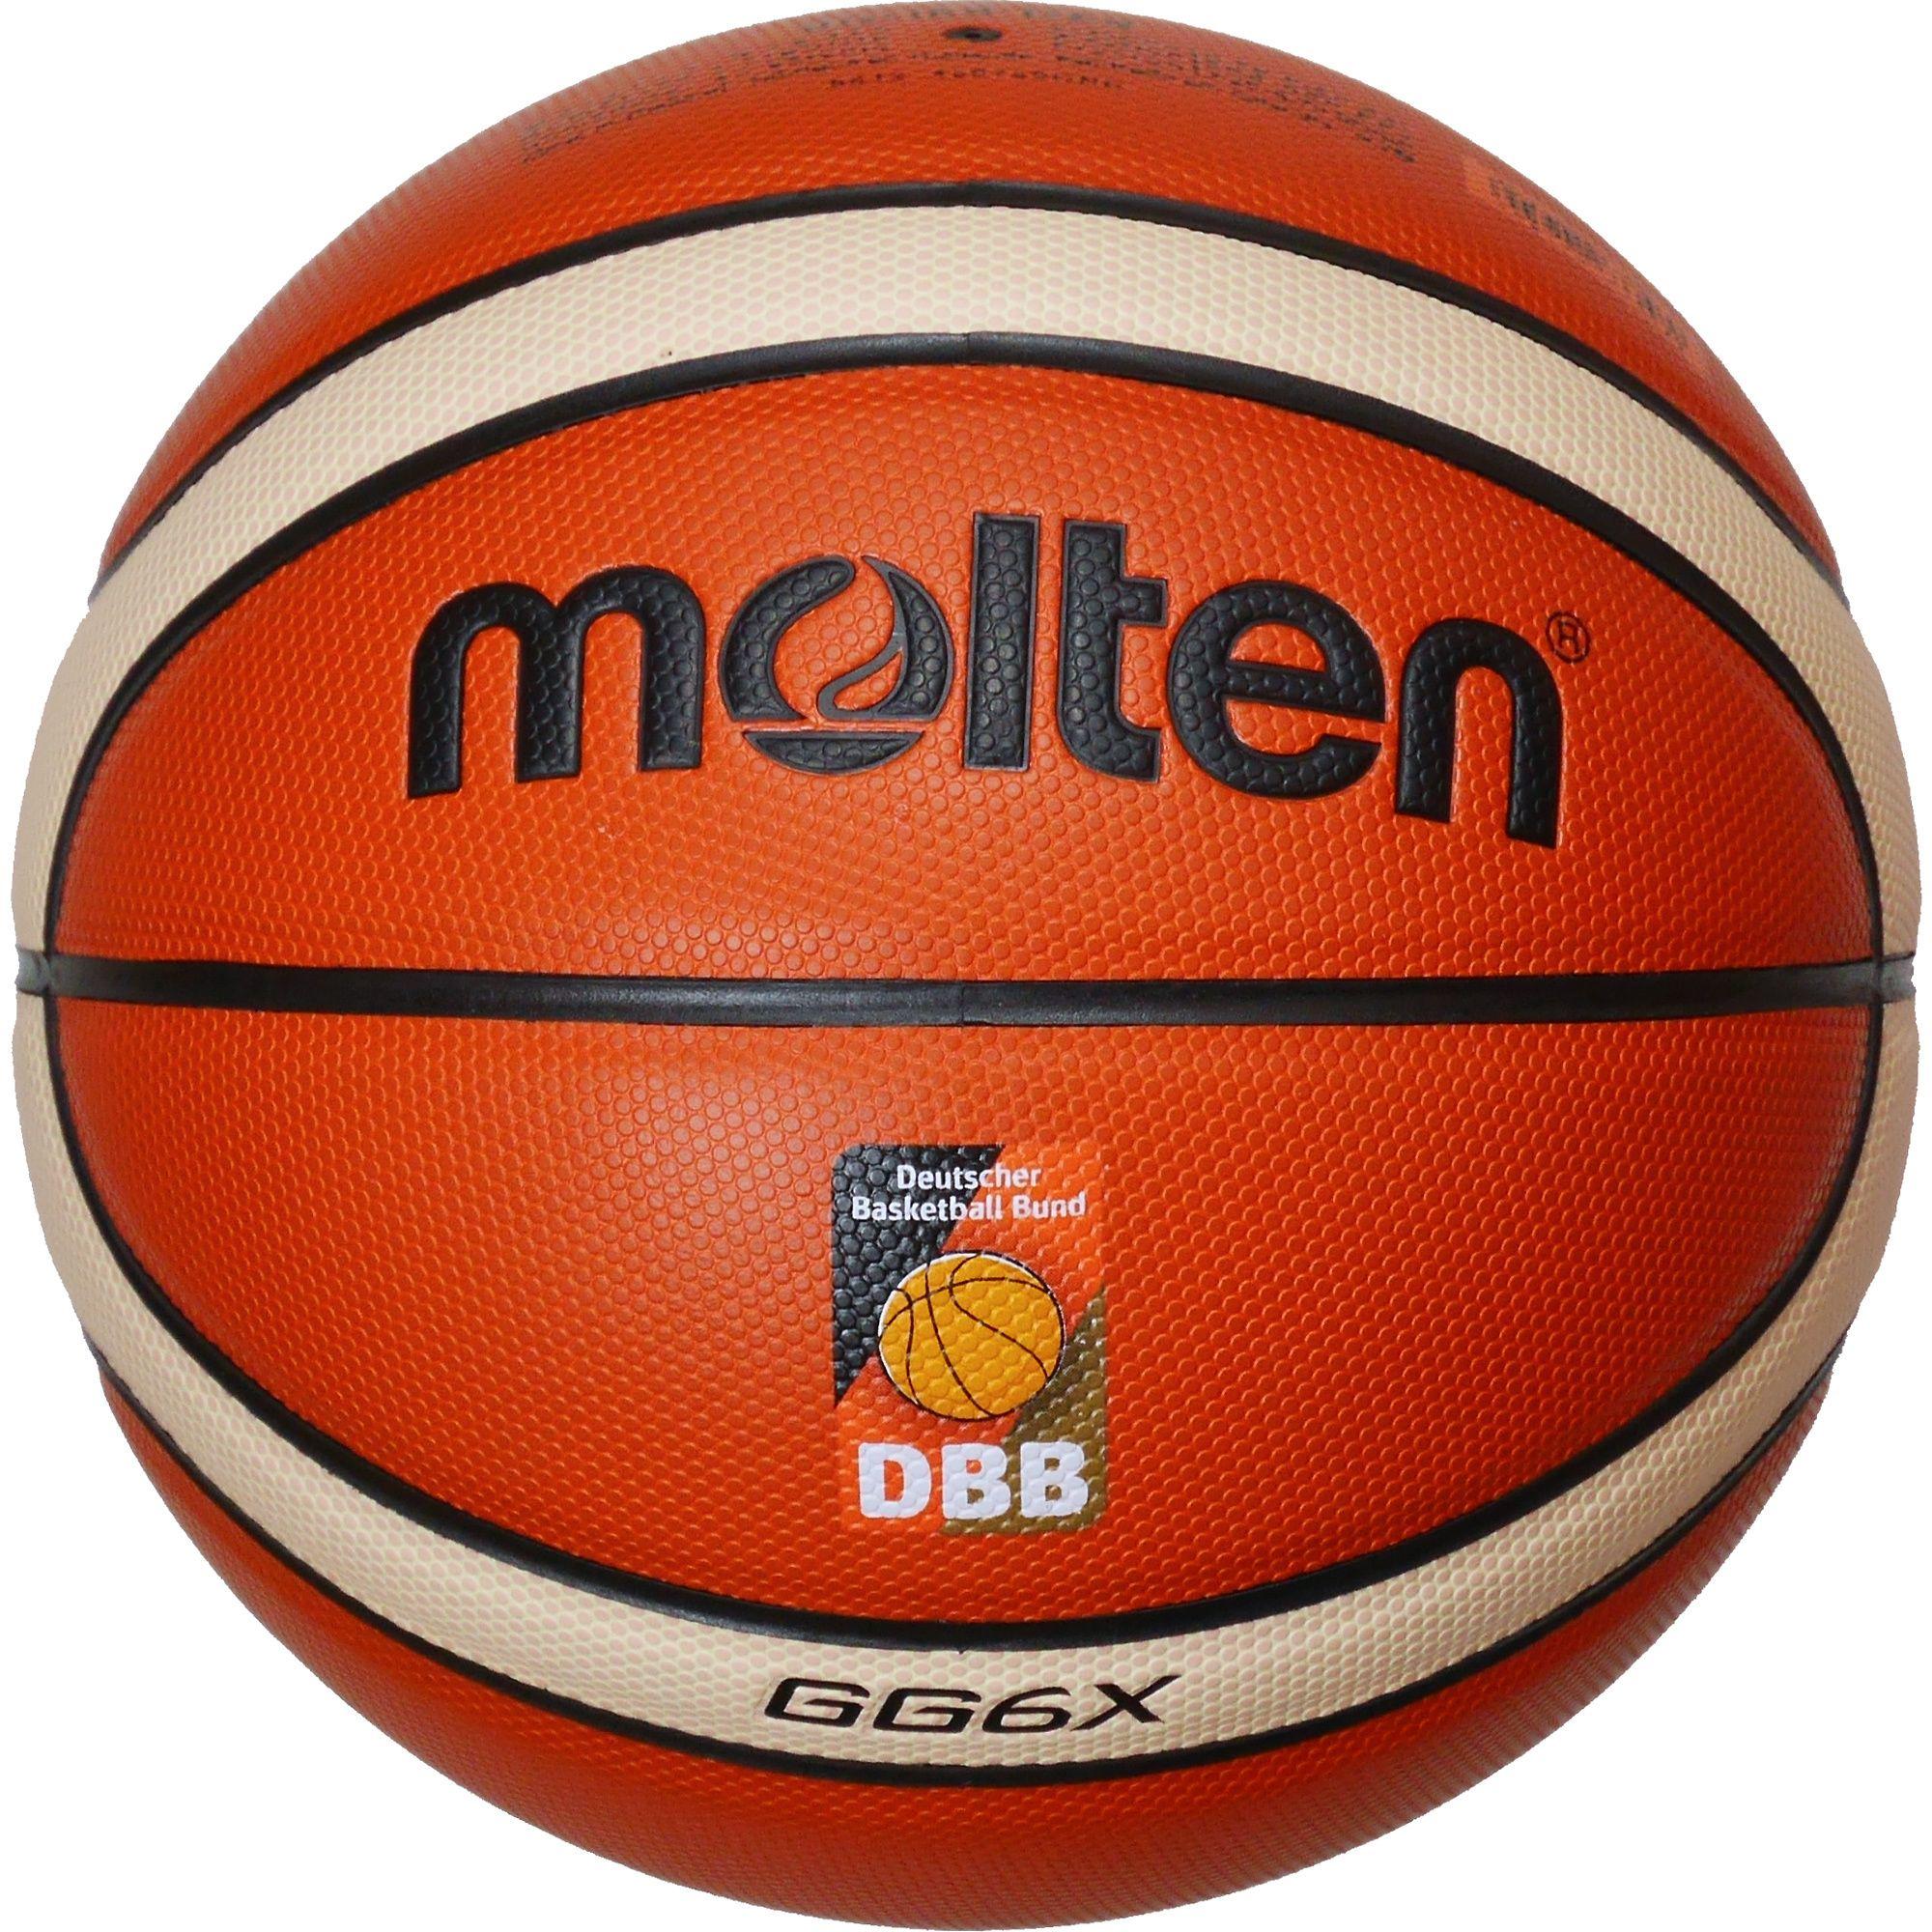 MOLTEN Molten BGG6X DBB Basketball